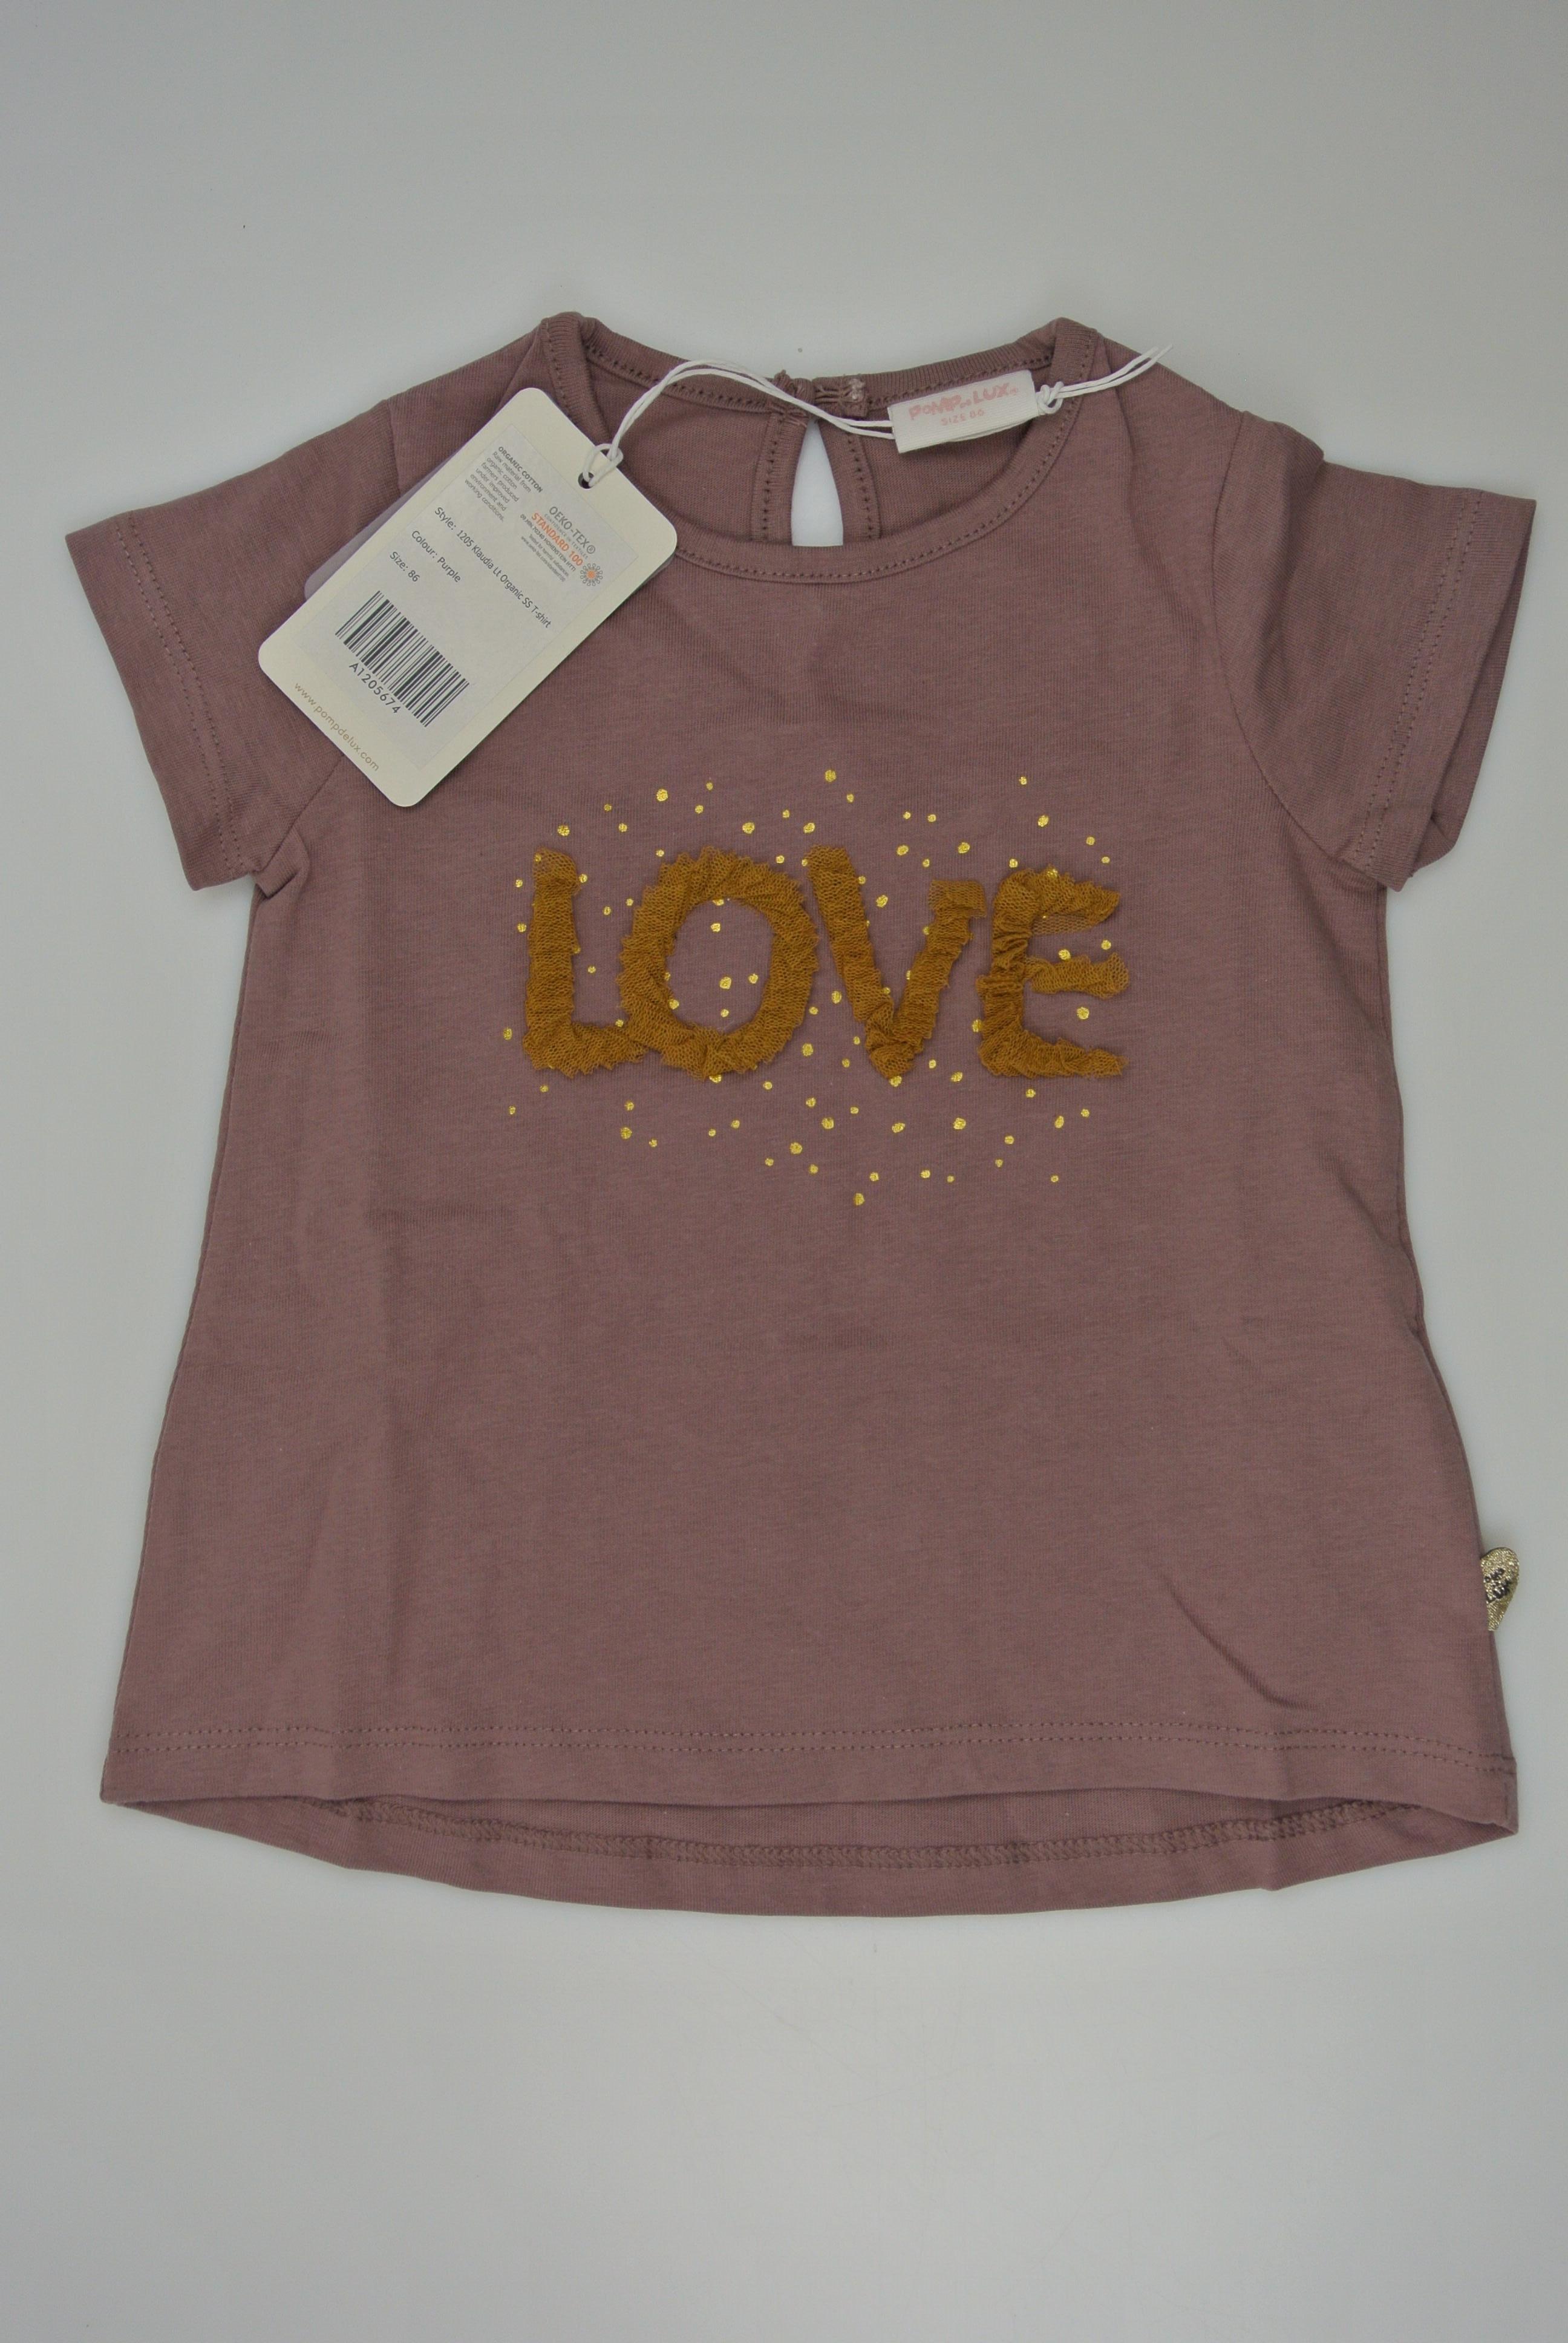 Pompdelux t-shirt str 86 pige ny